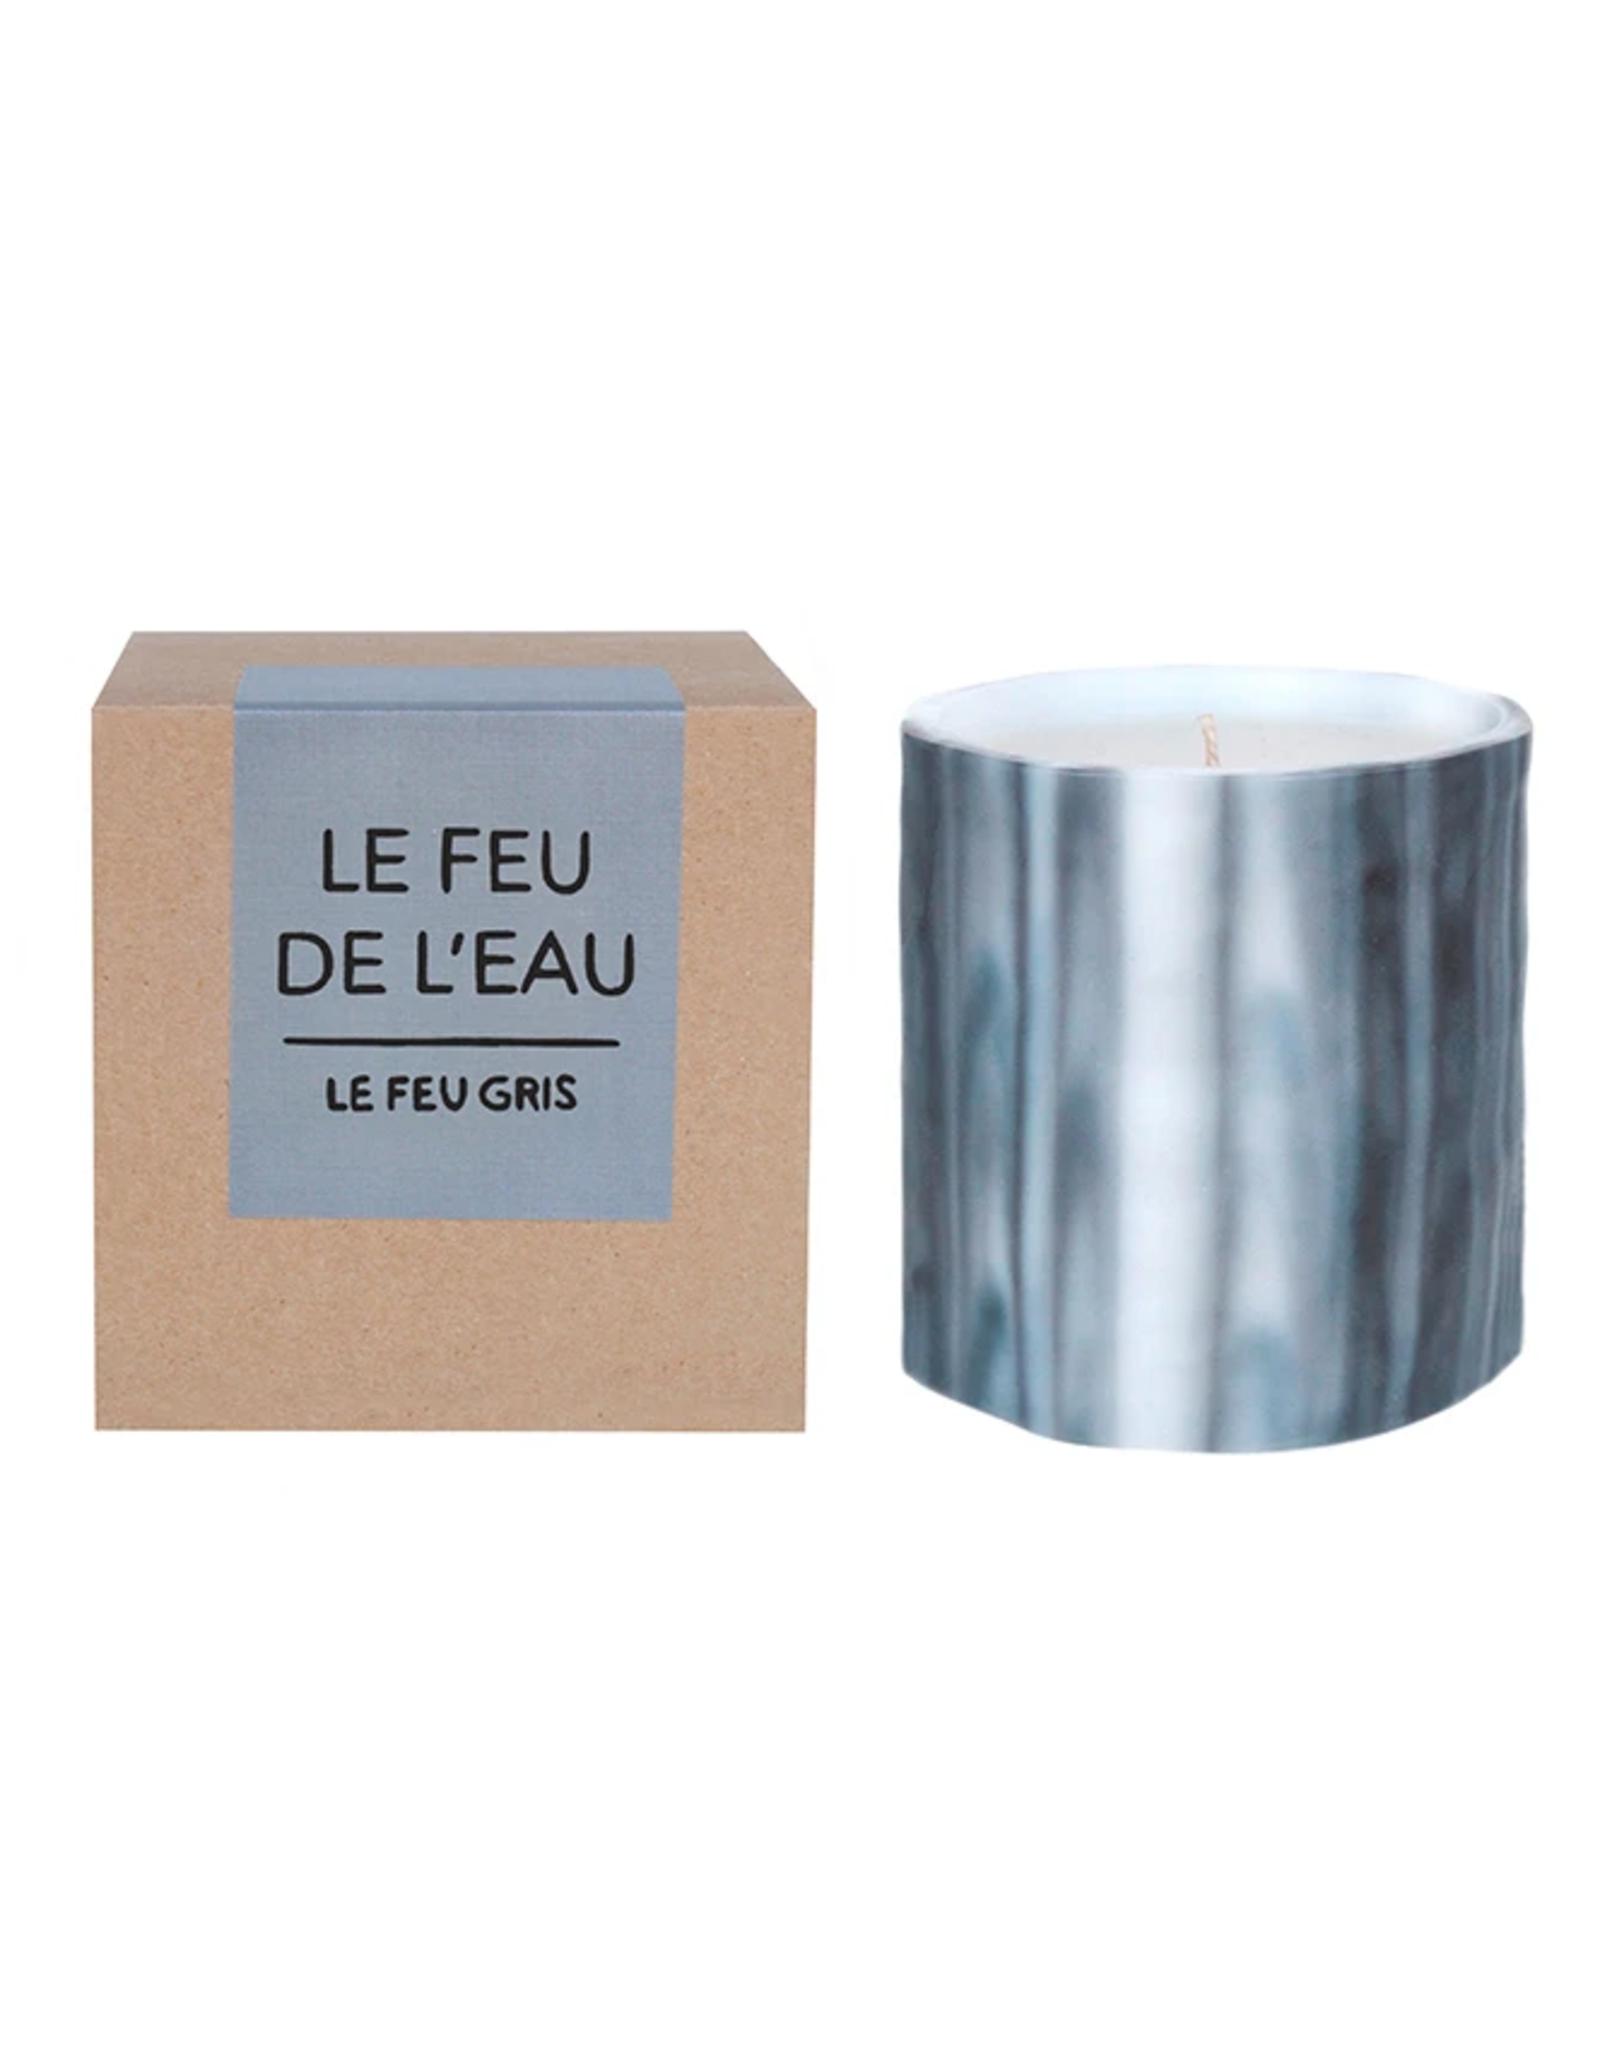 Le Feu De L'Eau Le Feu Gris Candle